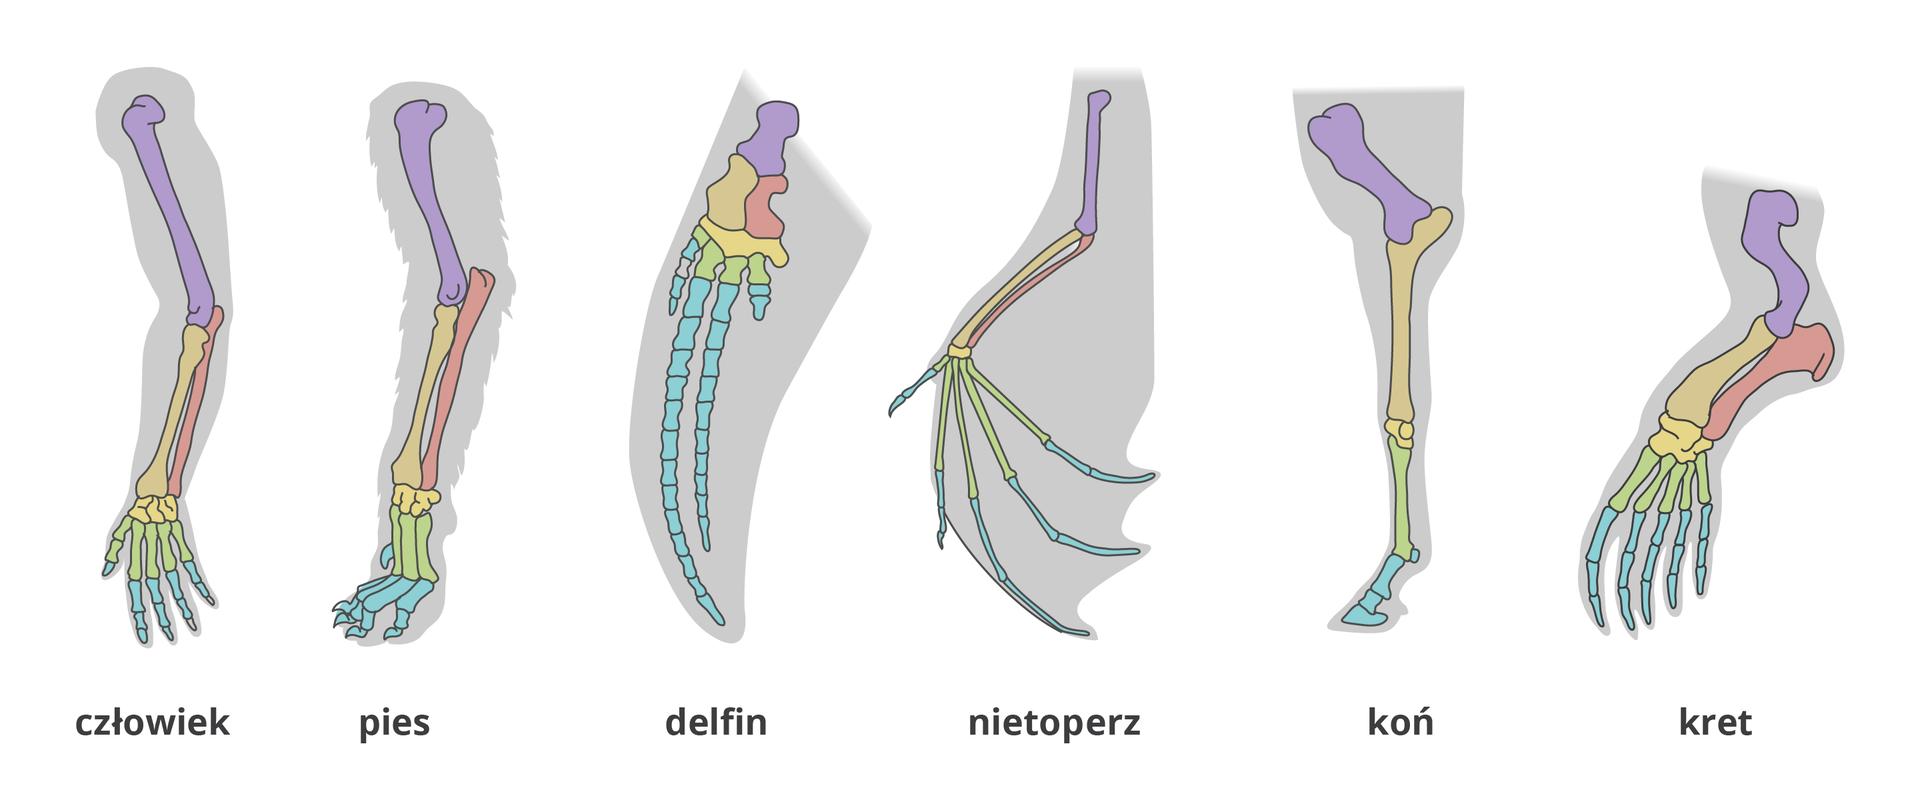 Ilustracja przedstawia 6 schematycznie narysowanych kończyn przednich ssaków zwrysowanym szkieletem. Kolory oznaczają różne kości. Ten sam kolor wkażdej zkończyn oznacza tę samą kość szkieletu. Kości kończyn pionowo, na tle szarego zarysu kształtu kończyny. Od lewej kończyny: człowieka, psa, delfina, nietoperza, konia ikreta.